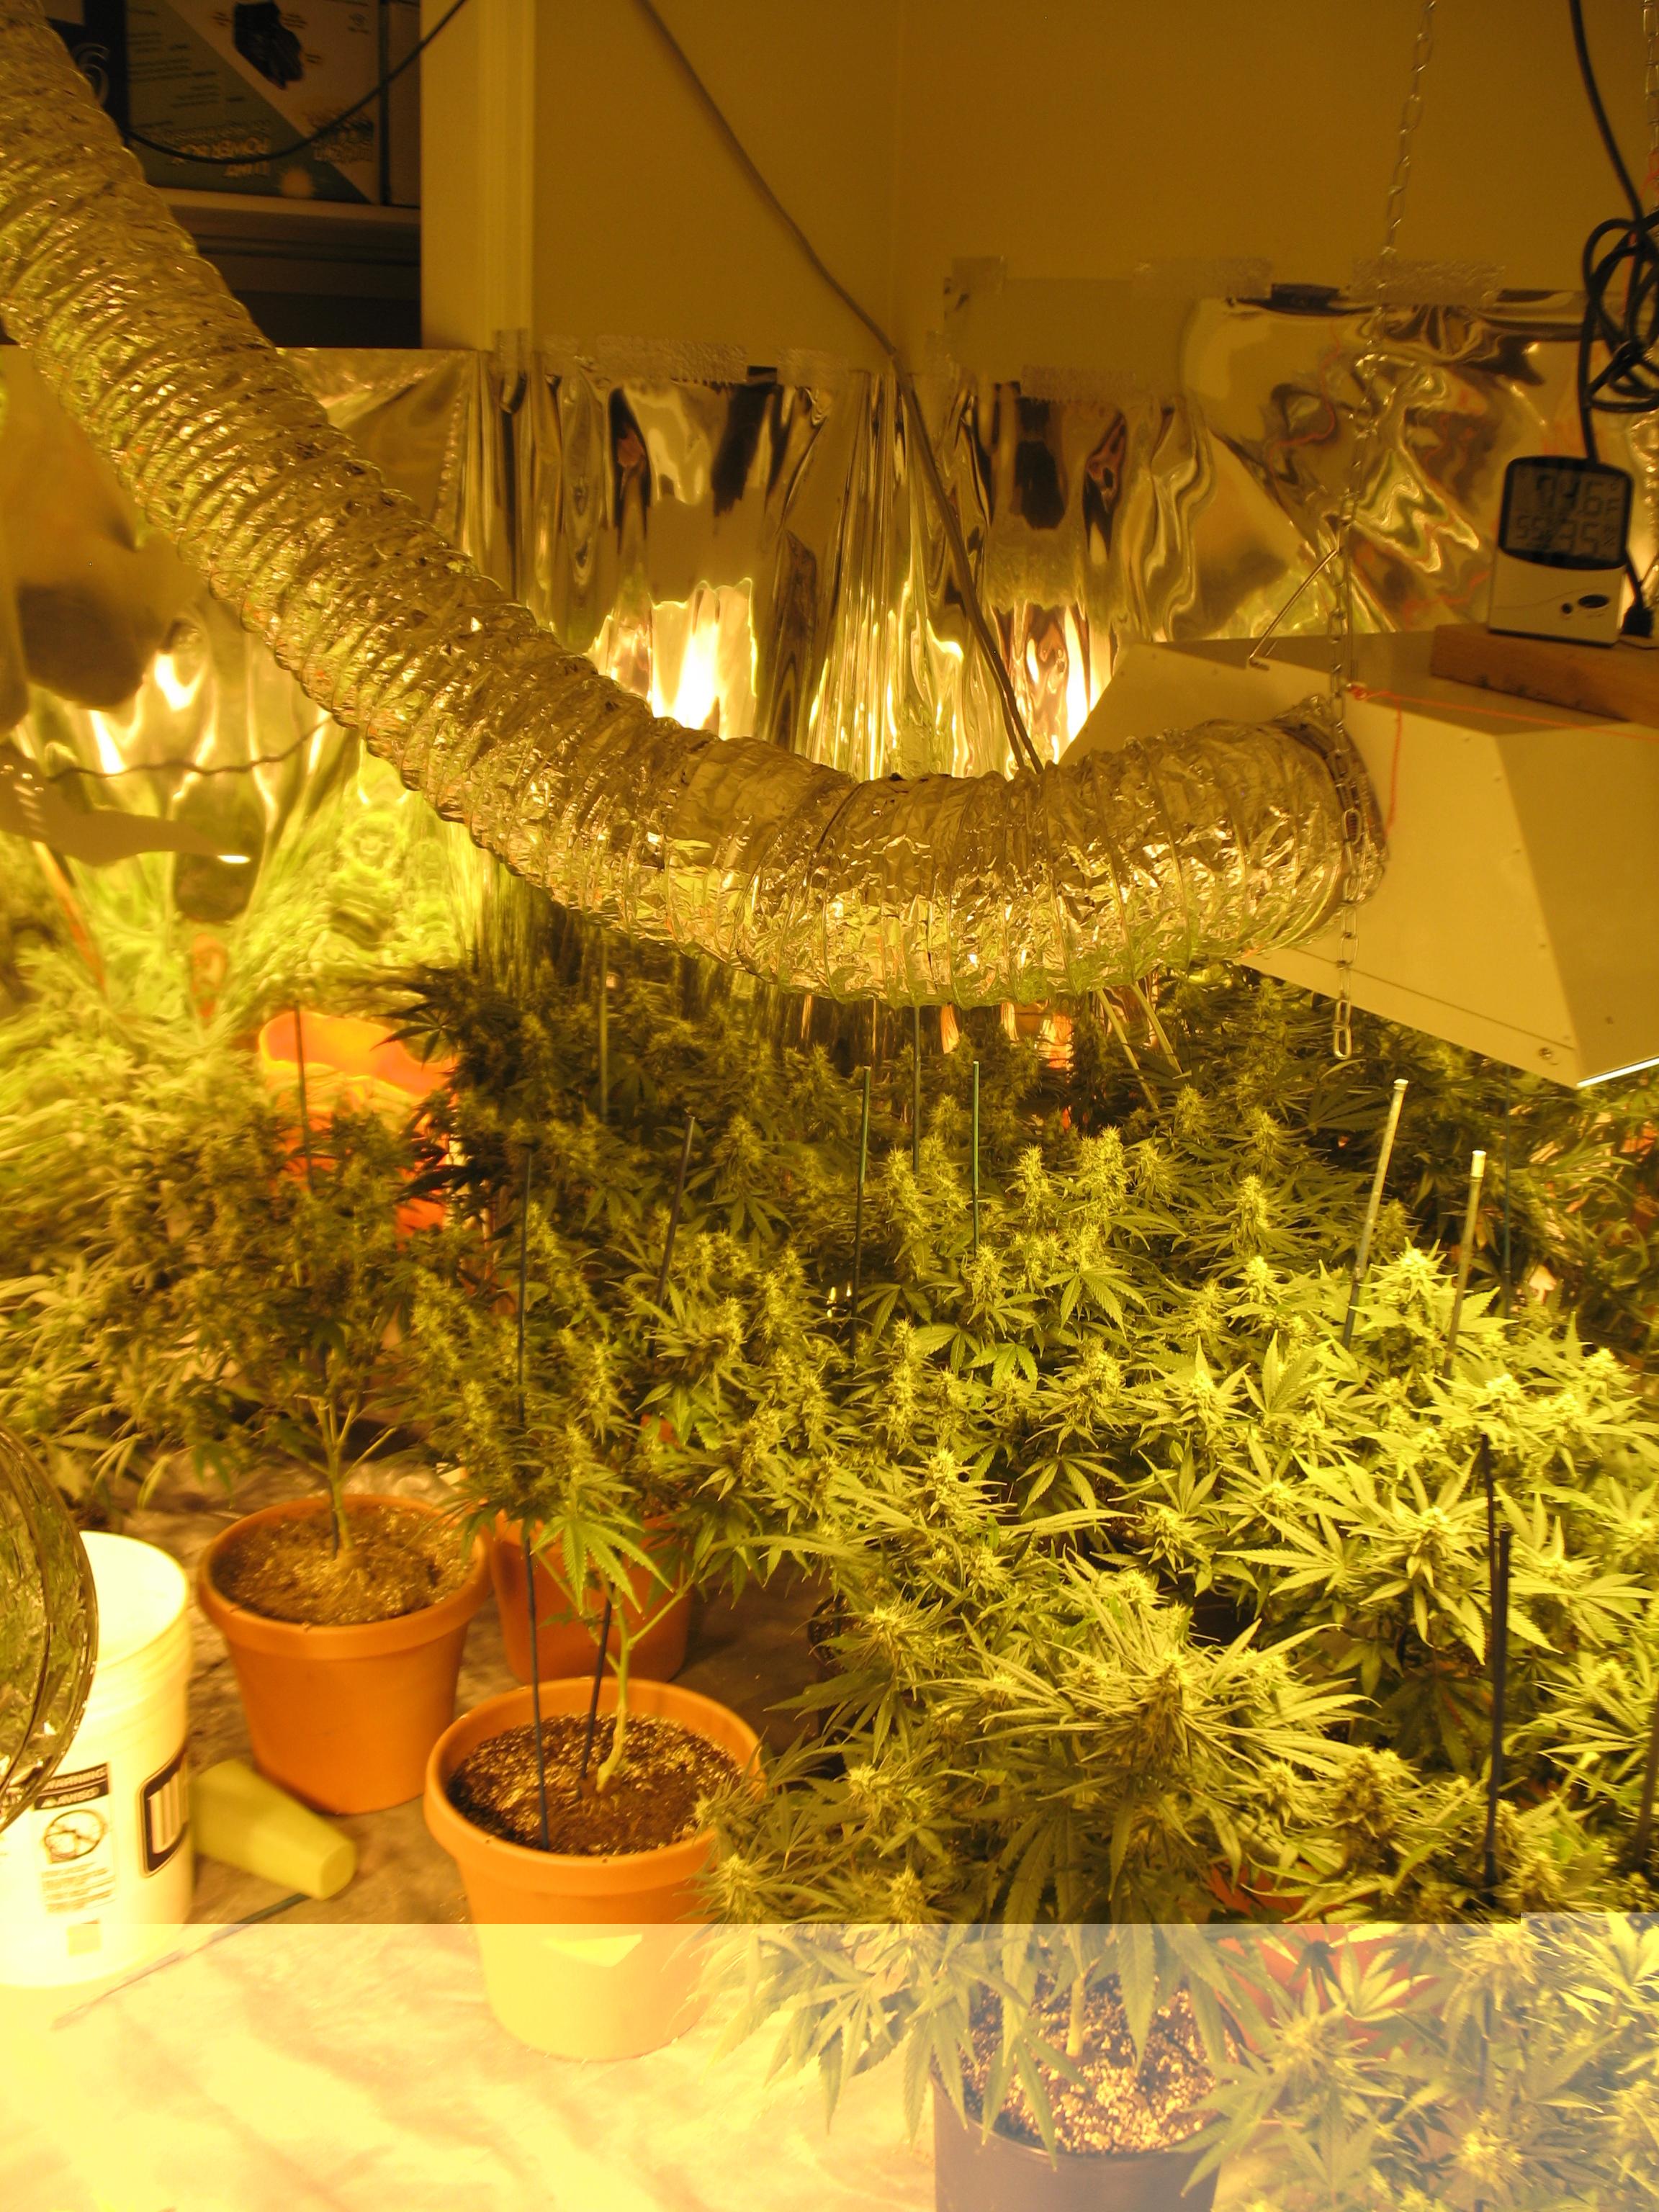 Legal Marijuana Grows Growing A Problem